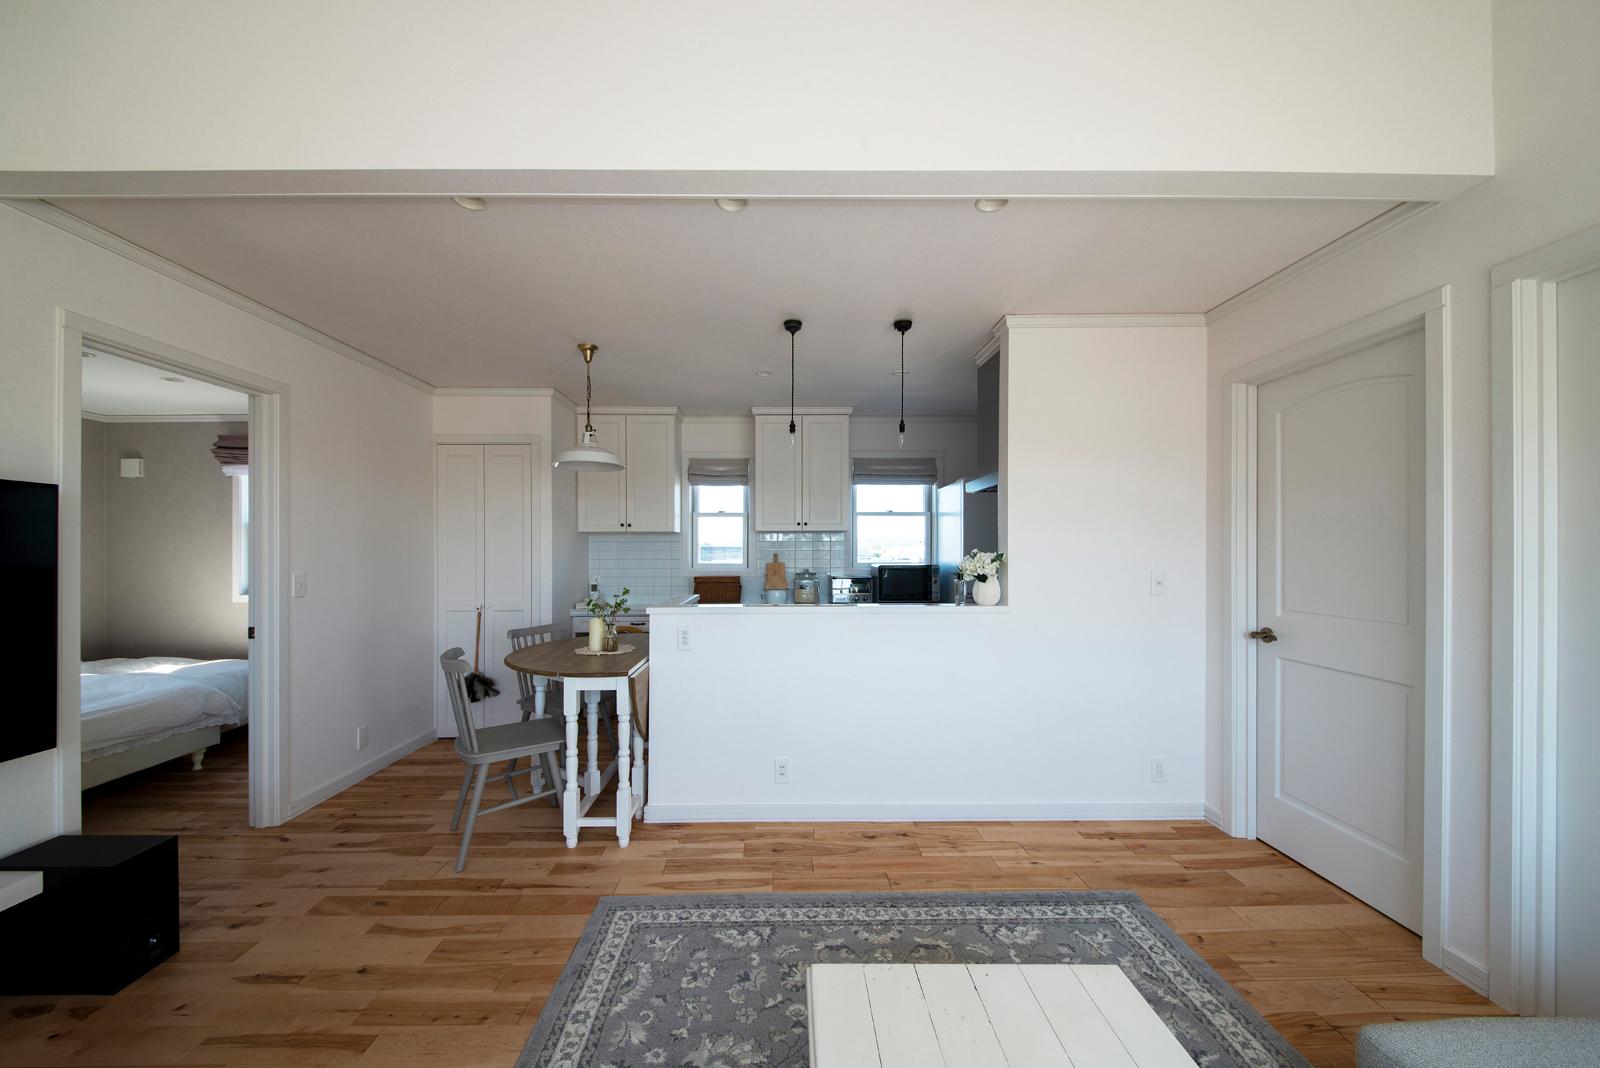 2階子世帯の造作対面式キッチンは、コンパクトな造りながら、収納力はたっぷり